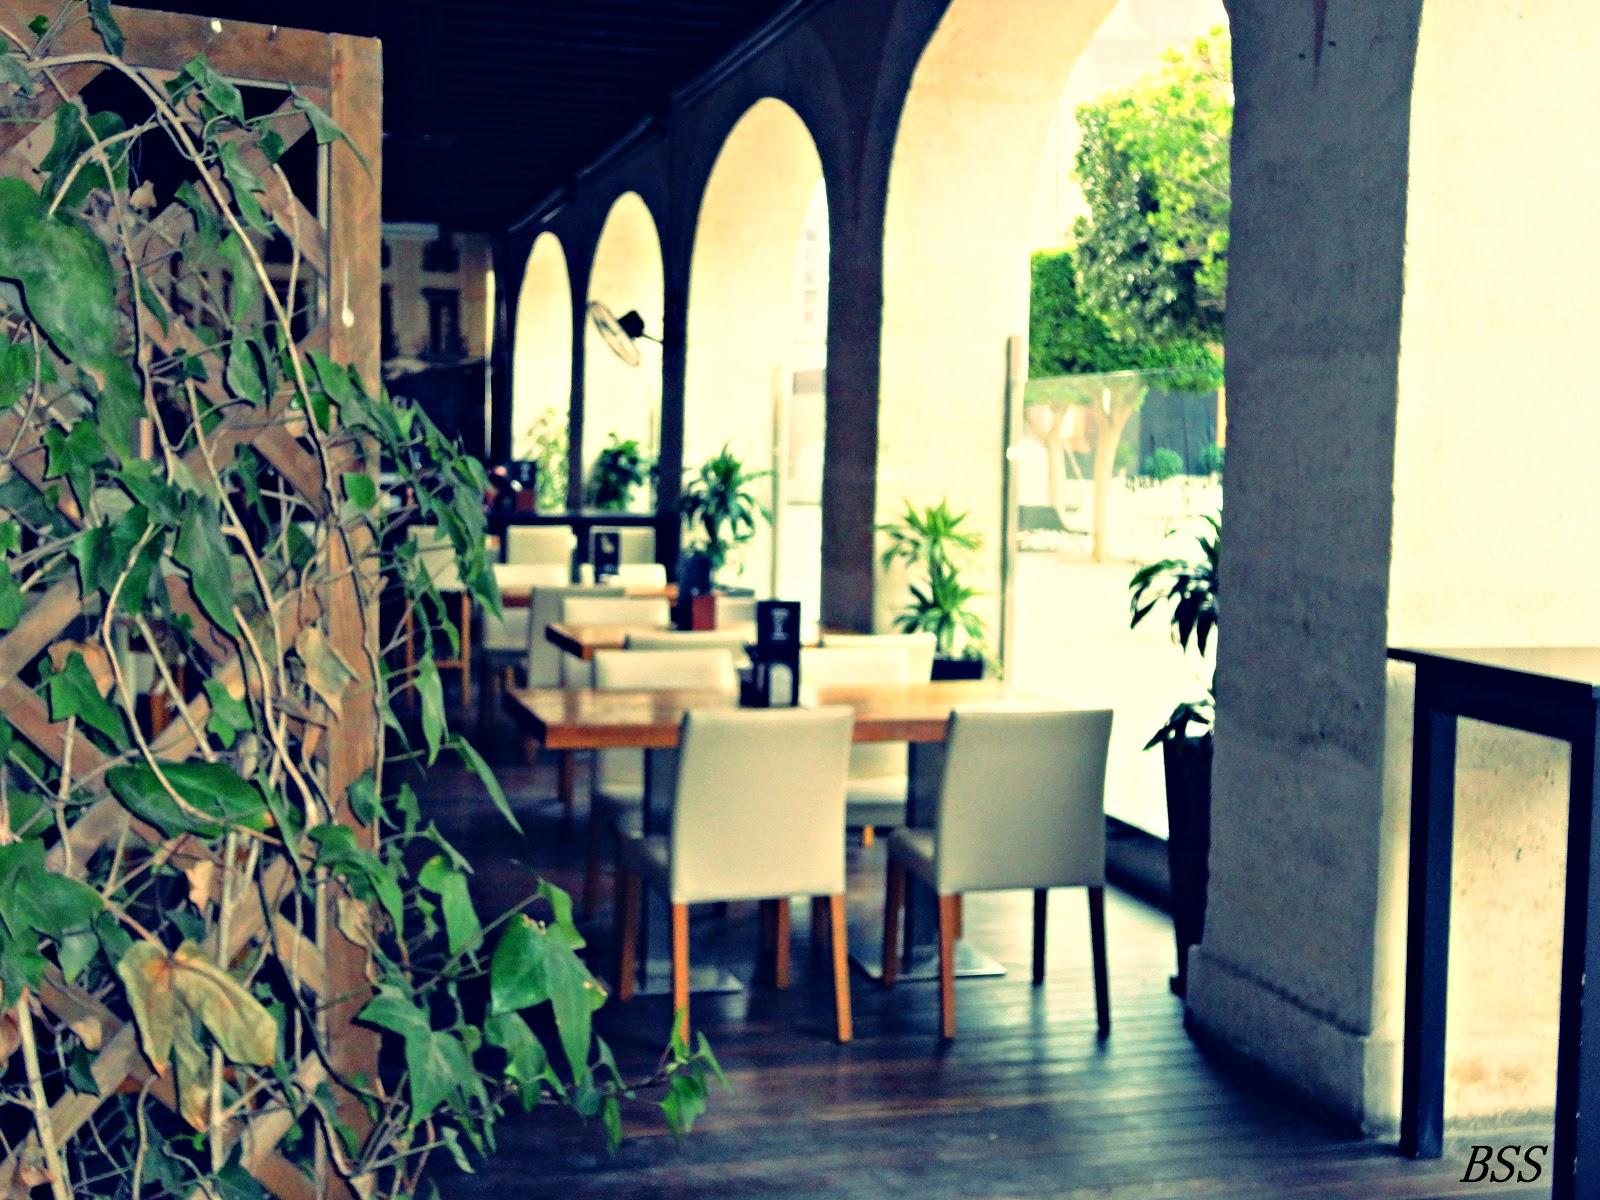 Baños Arabes Plaza Vieja Almeria:Tuvimos la ocasión de probar unos maravillosos tés por cortesía de